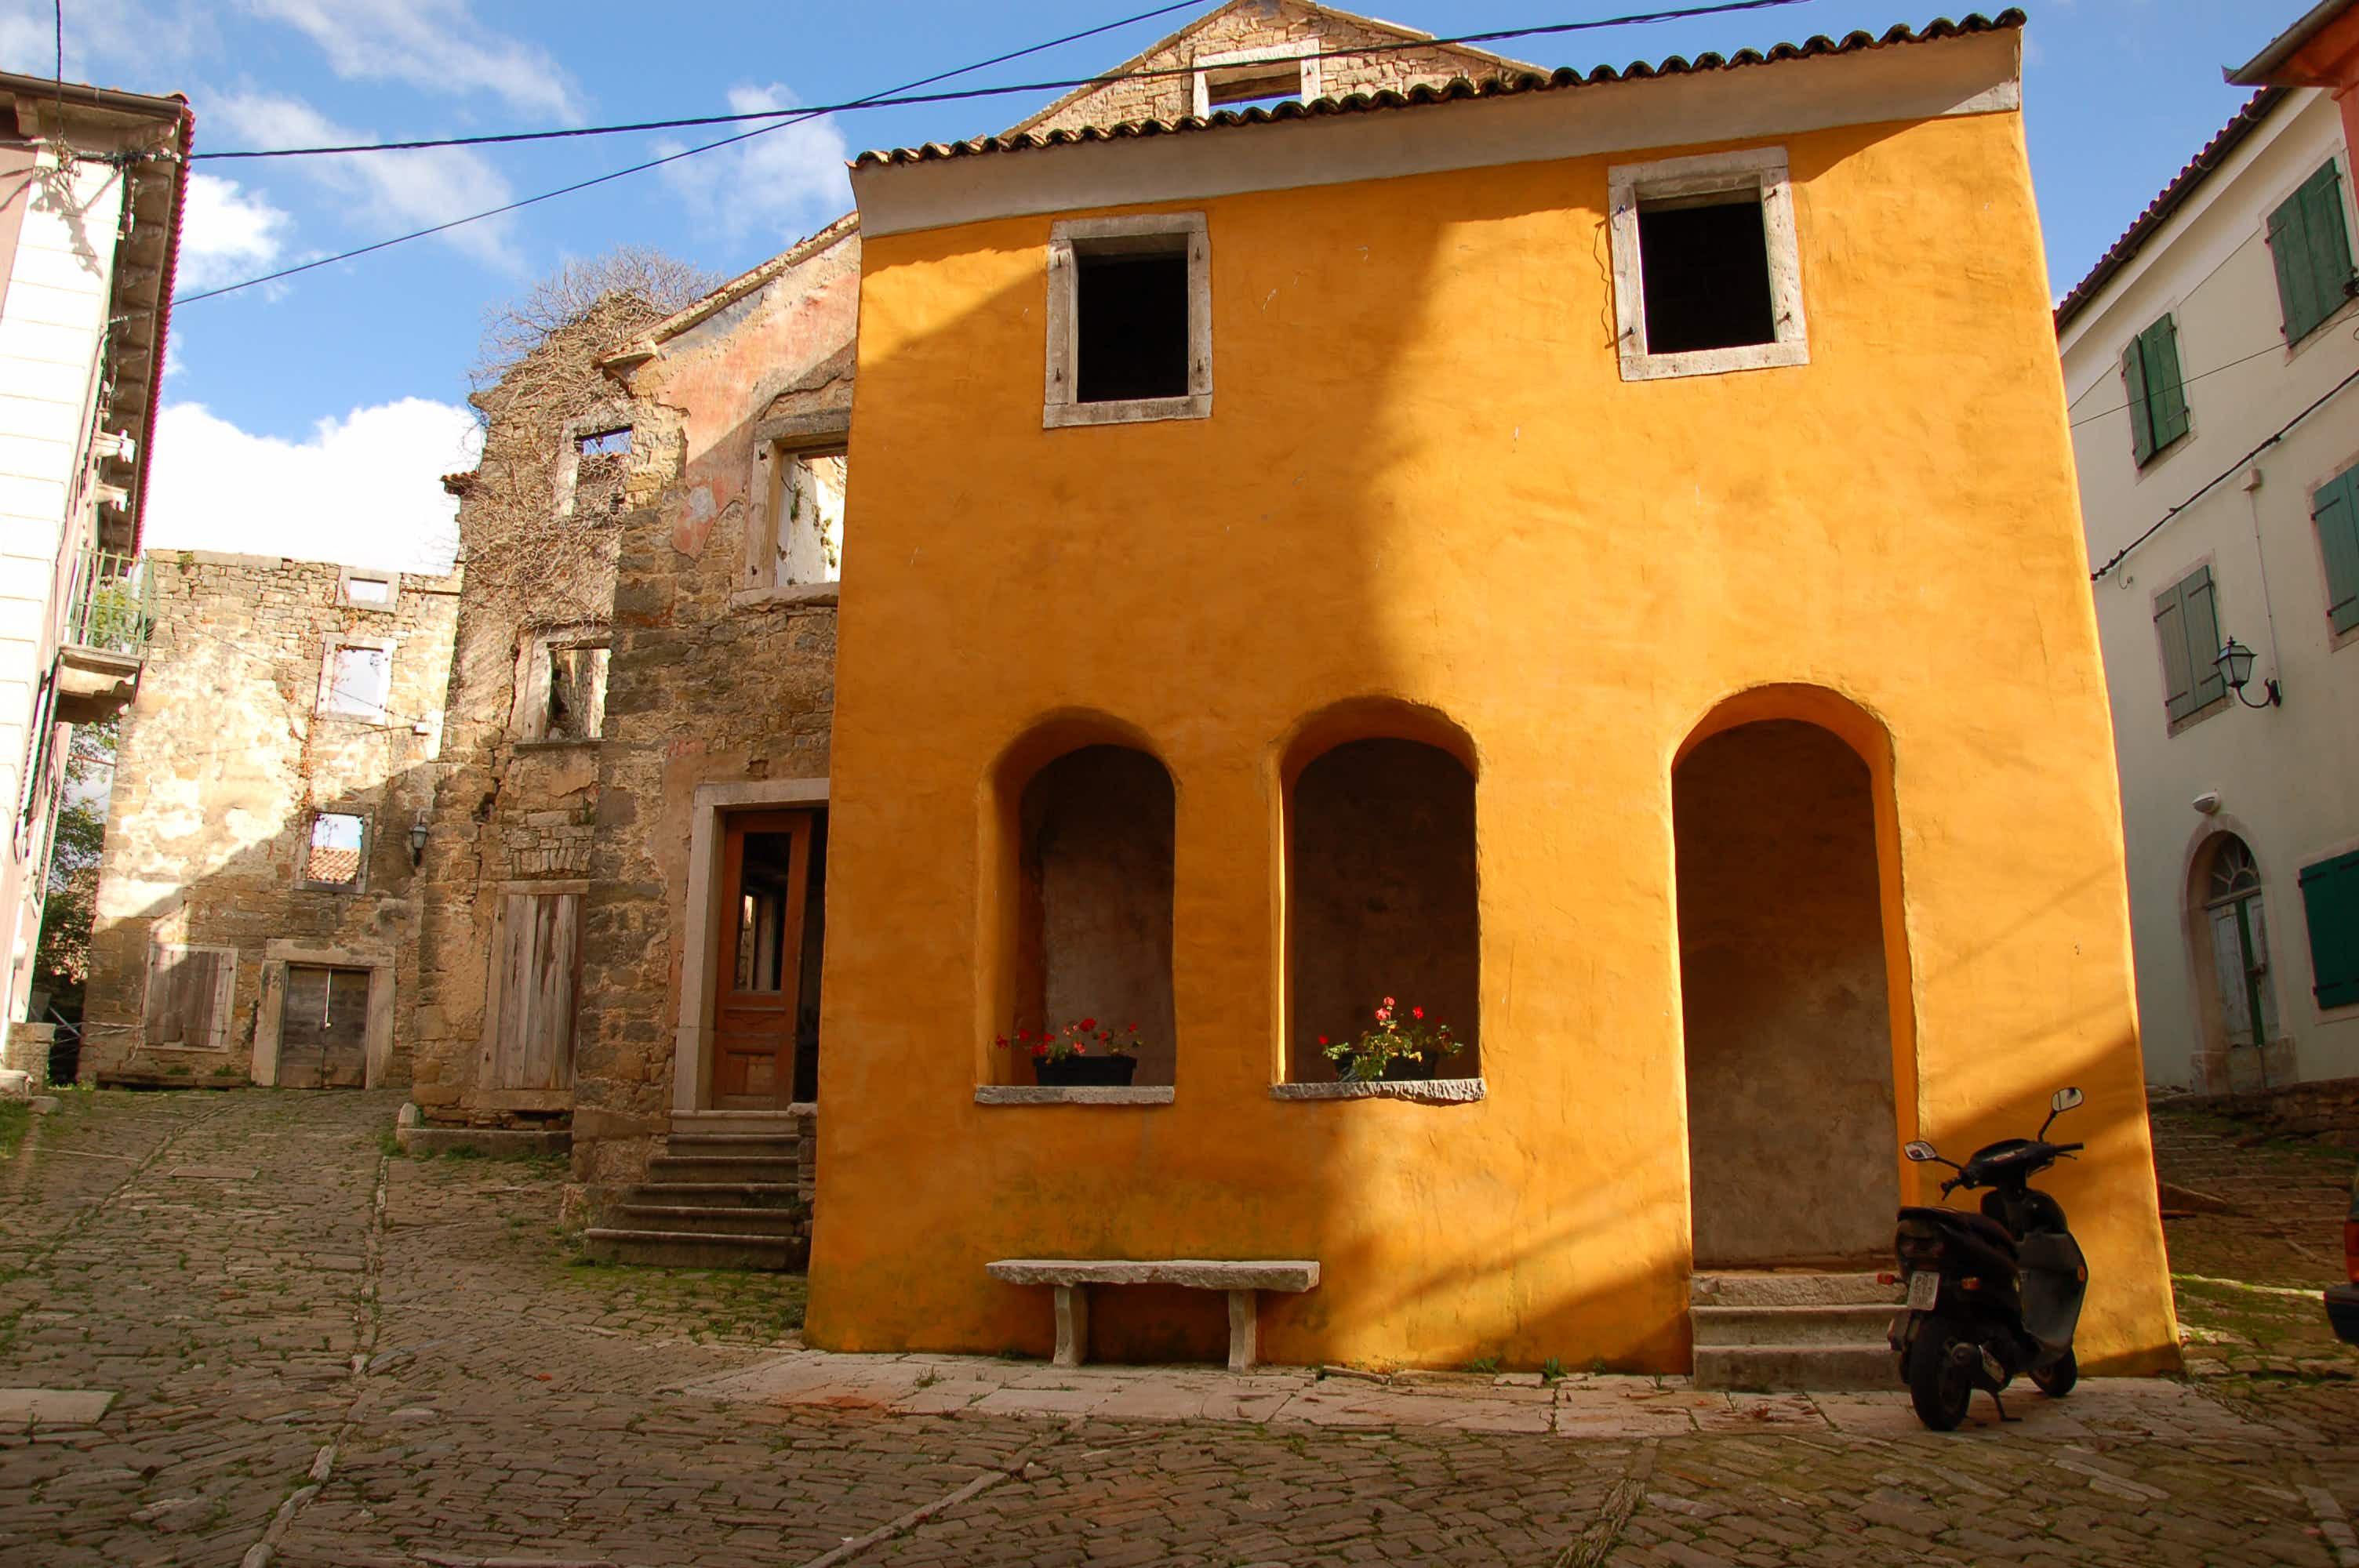 Cycle through Italy, Slovenia, and Croatia on the historic Parenzana Trail